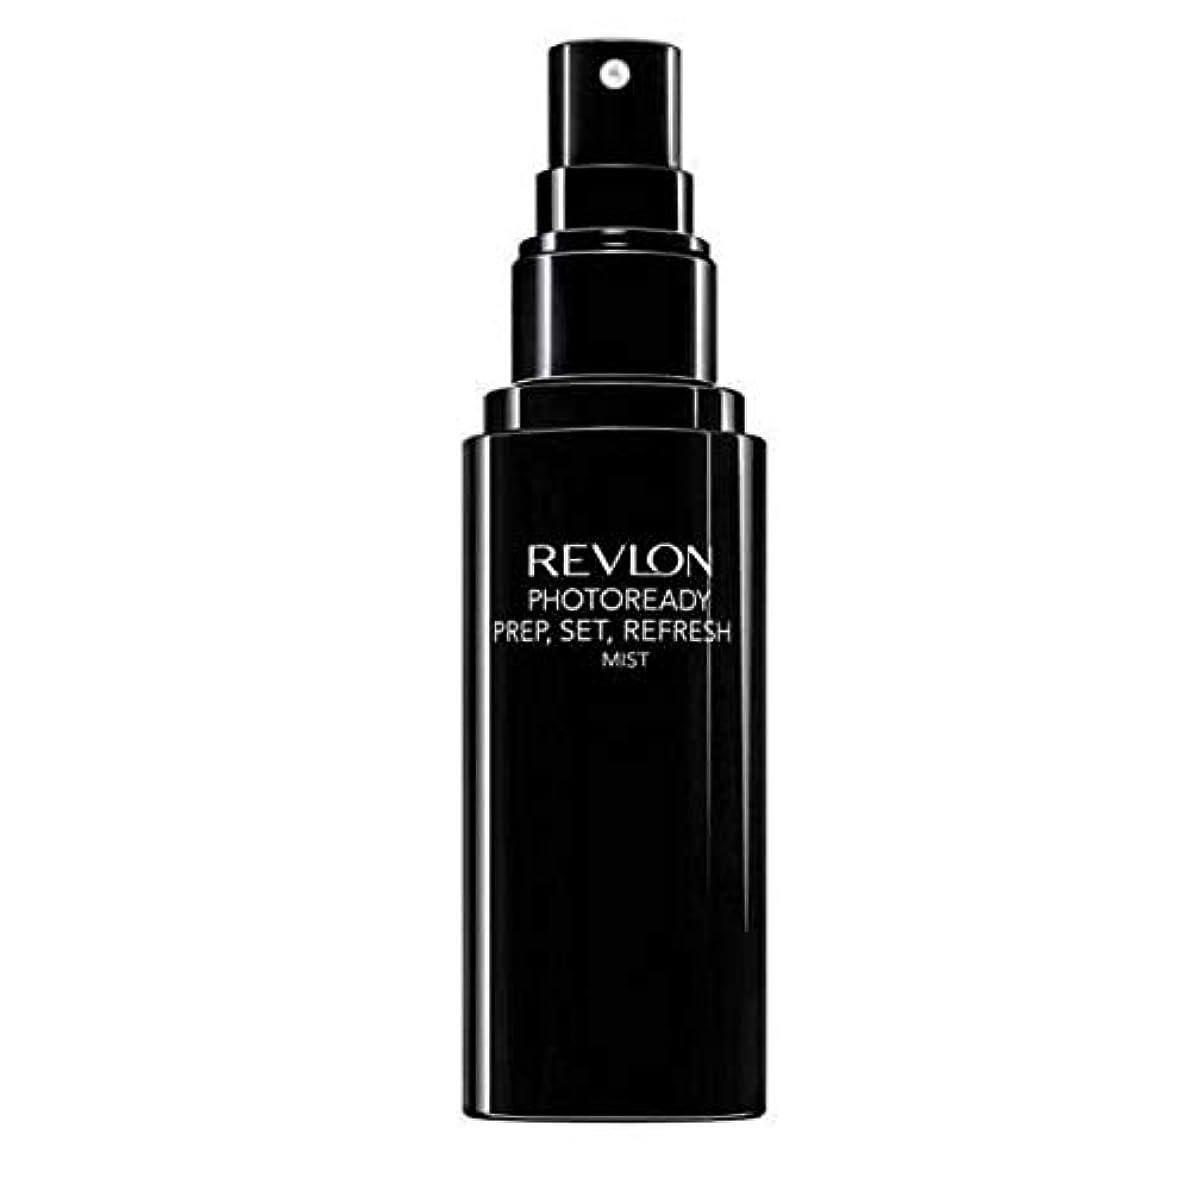 署名軽滴下[Revlon ] レブロンPhotoready準備、セット、リフレッシュミスト - Revlon PhotoReady Prep, Set, Refresh Mist [並行輸入品]